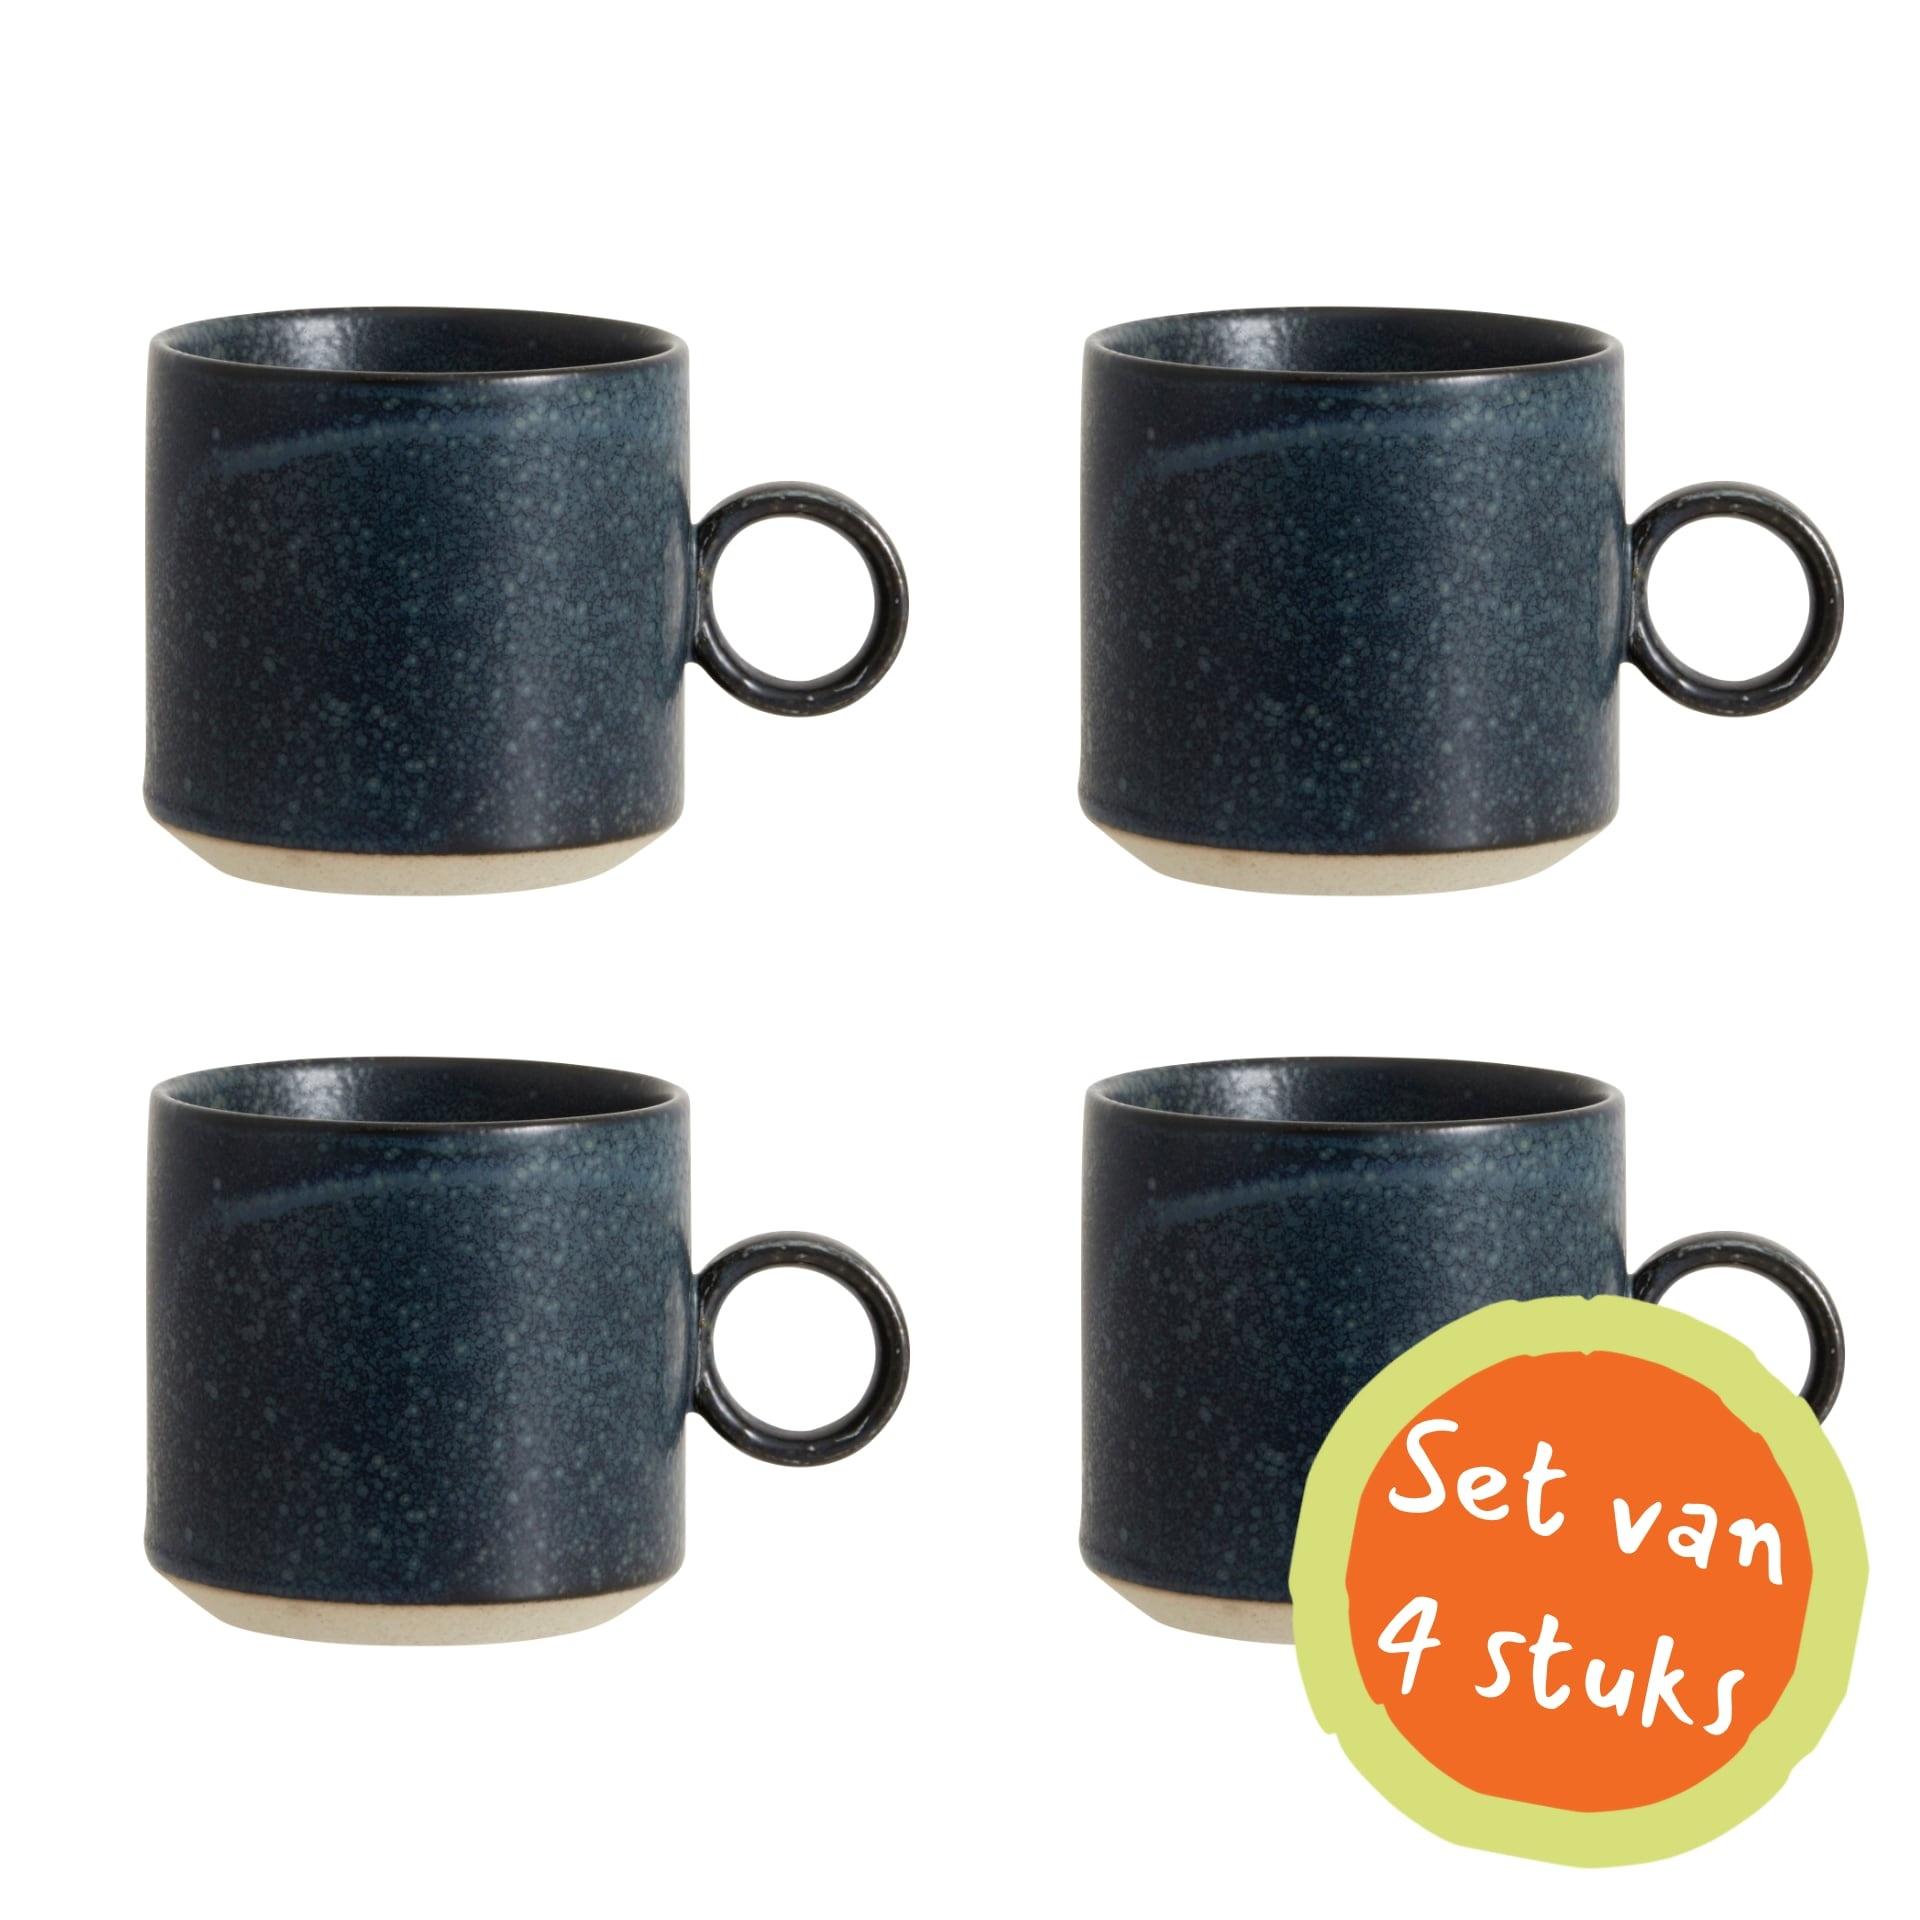 Nordal Grainy beker met handvat - donkerblauw - set van 4-57000-5708309157320